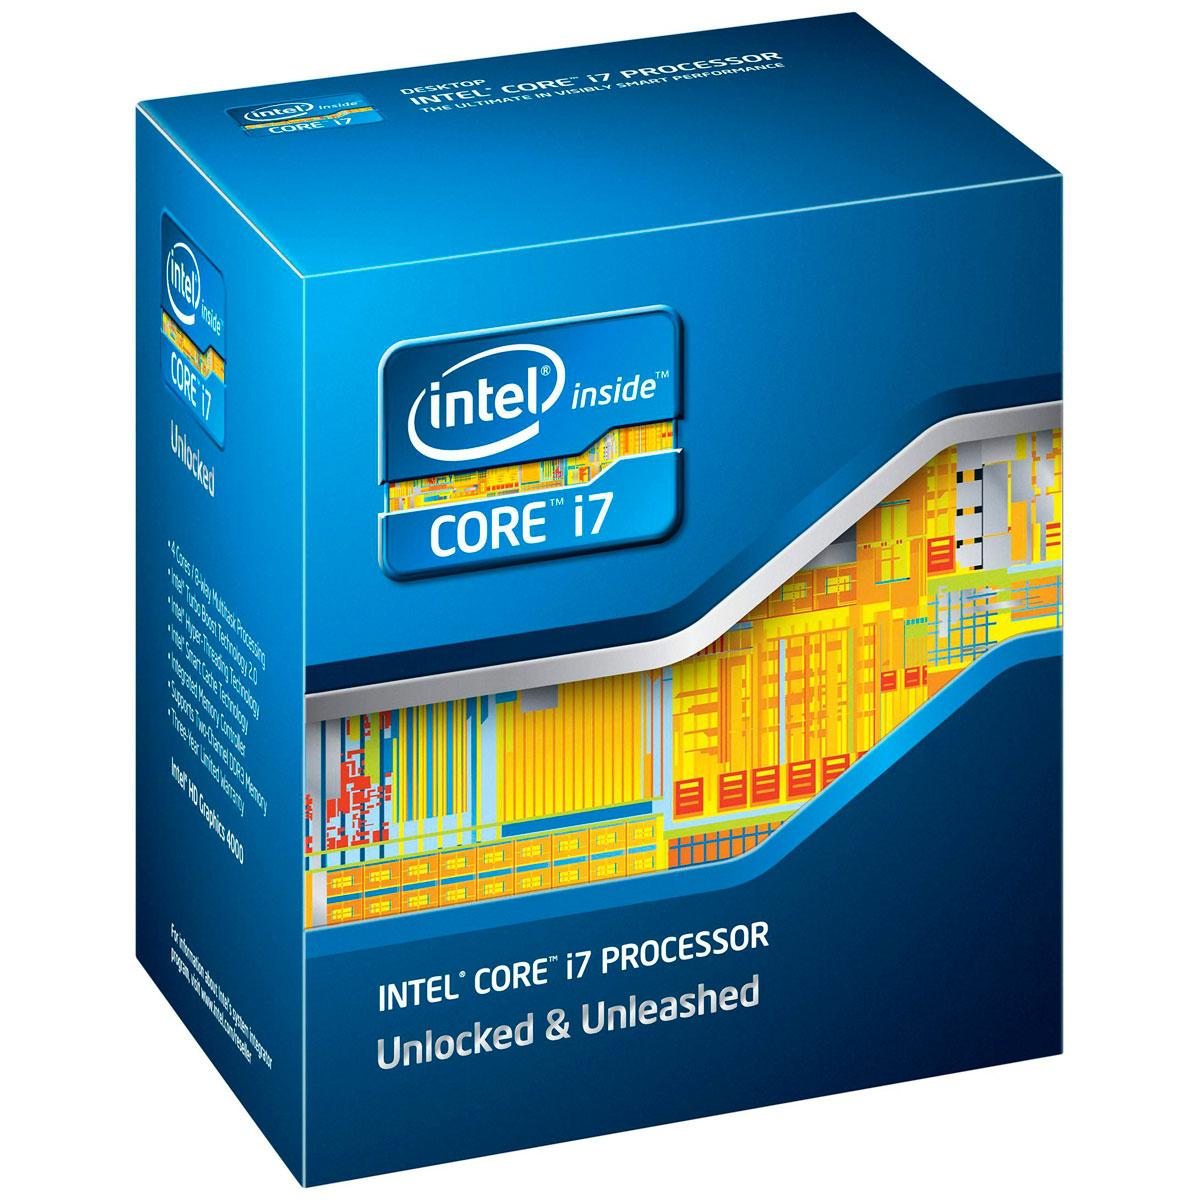 Processeur Intel Core i7-3770K (3.5 GHz) Processeur Quad Core Socket 1155 Cache L3 8 Mo Intel HD Graphics 4000 0.022 micron (version boîte - garantie Intel 3 ans)